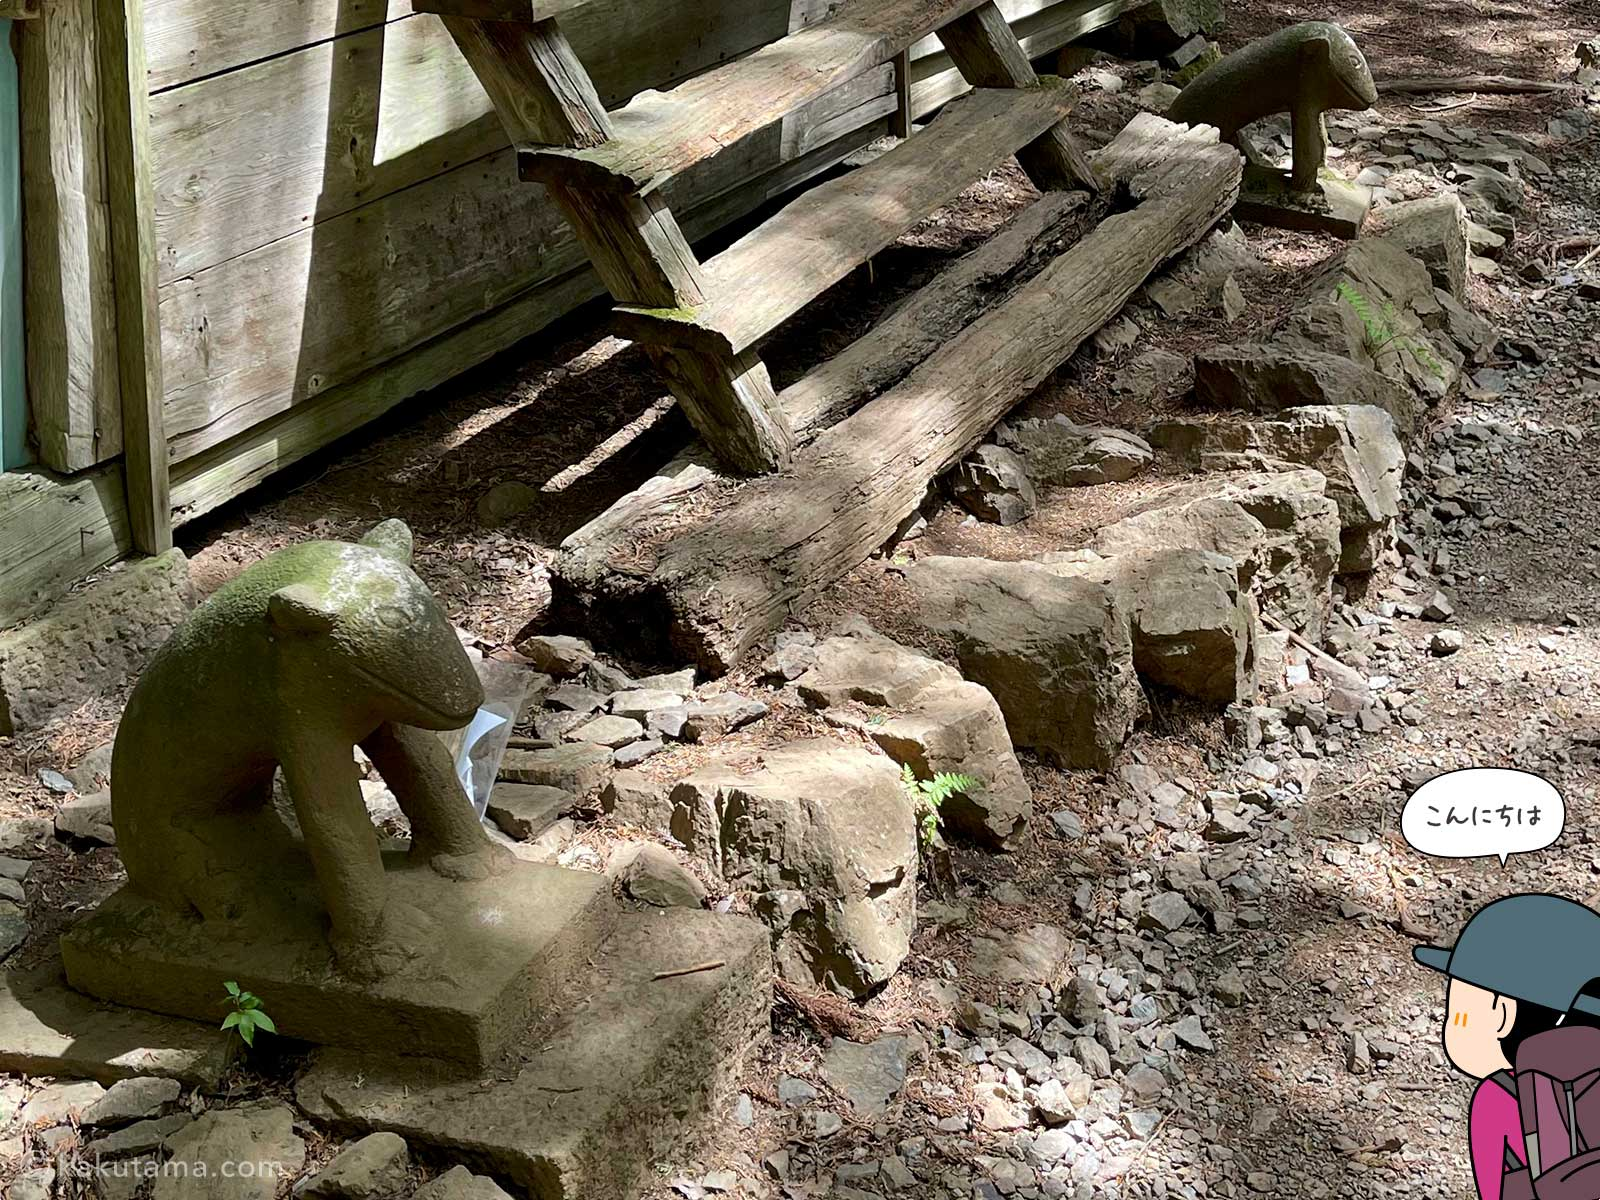 大嶽神社のオオカミ